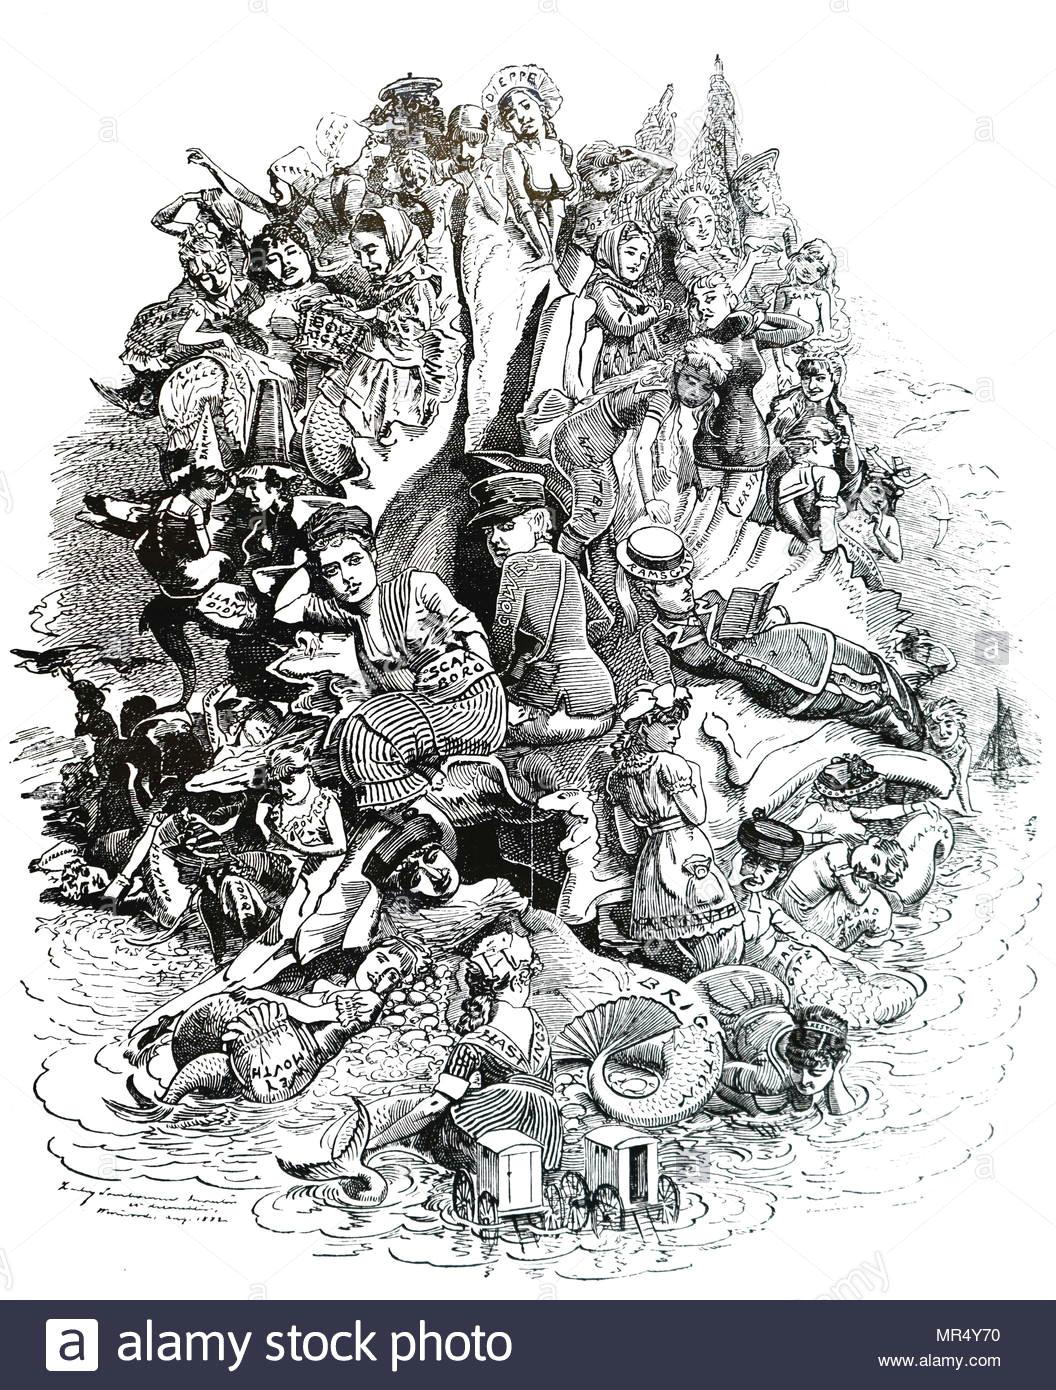 cartoon kommentieren britischen badeorte jedes gegebene bedeutung die er an der zahl der besucher